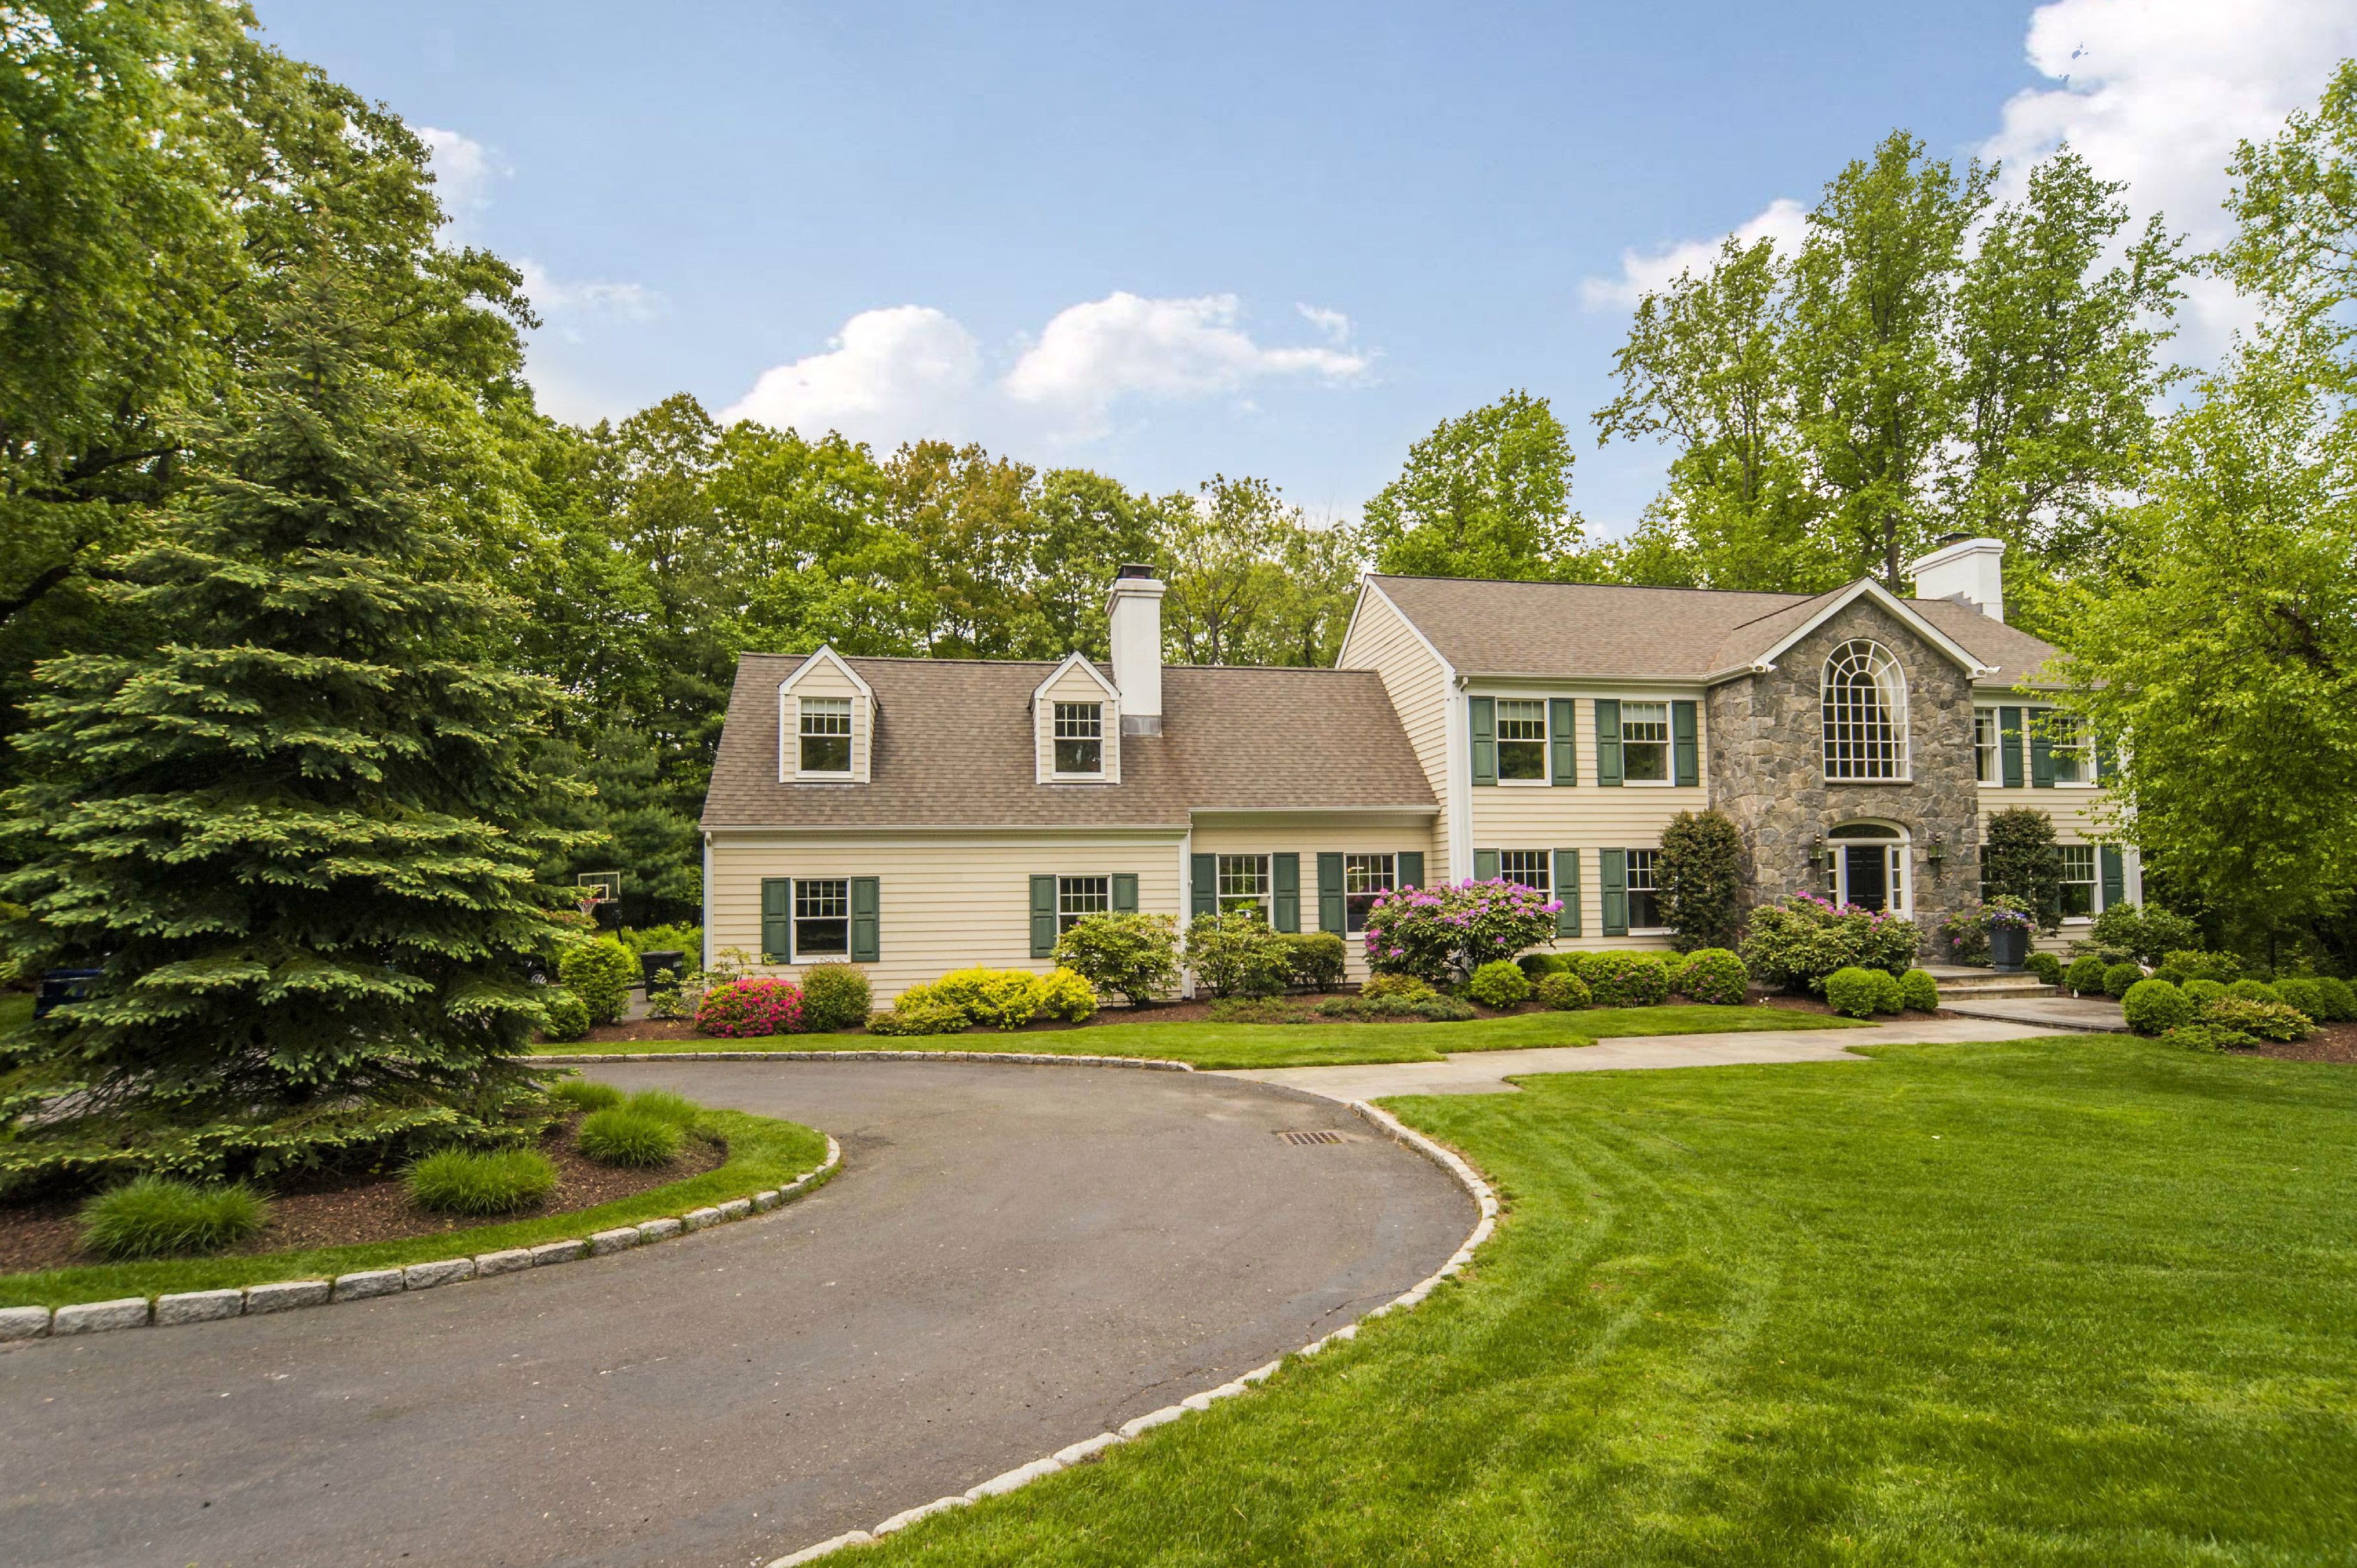 Einfamilienhaus für Verkauf beim Wilson Point Gem 7 Hilltop Road Norwalk, Connecticut 06854 Vereinigte Staaten